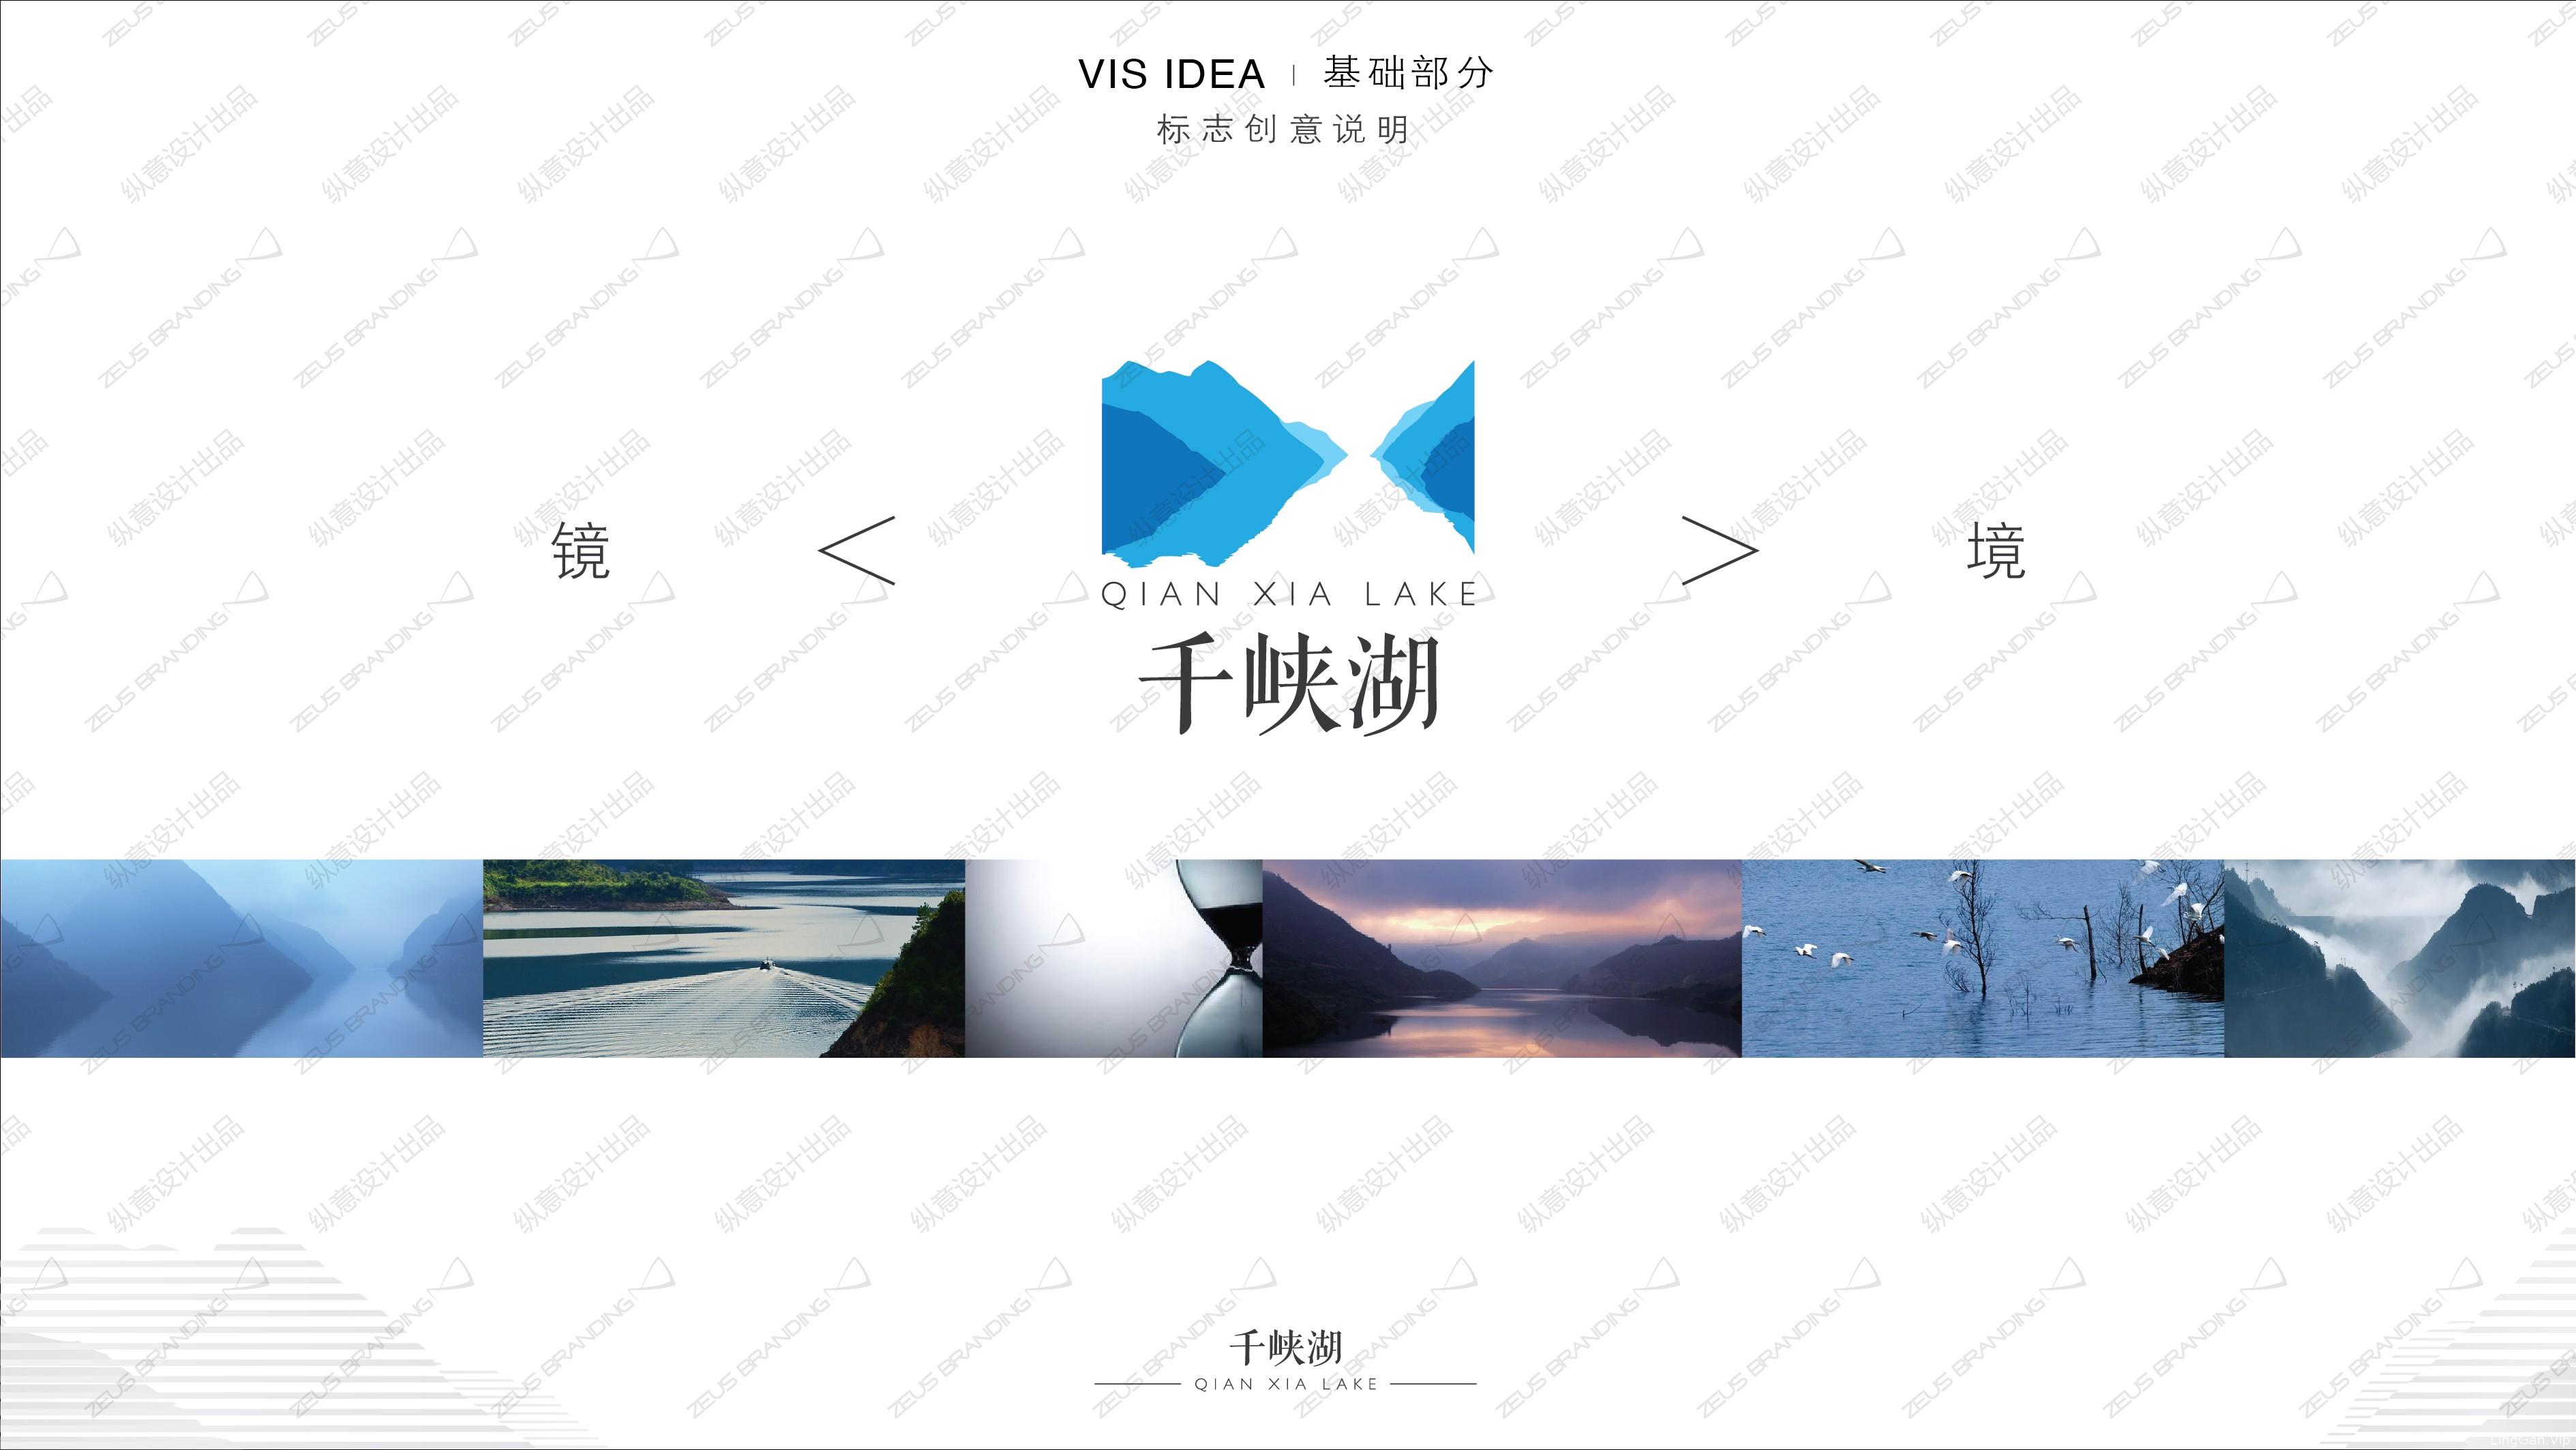 千岛湖VIS视觉识别系统